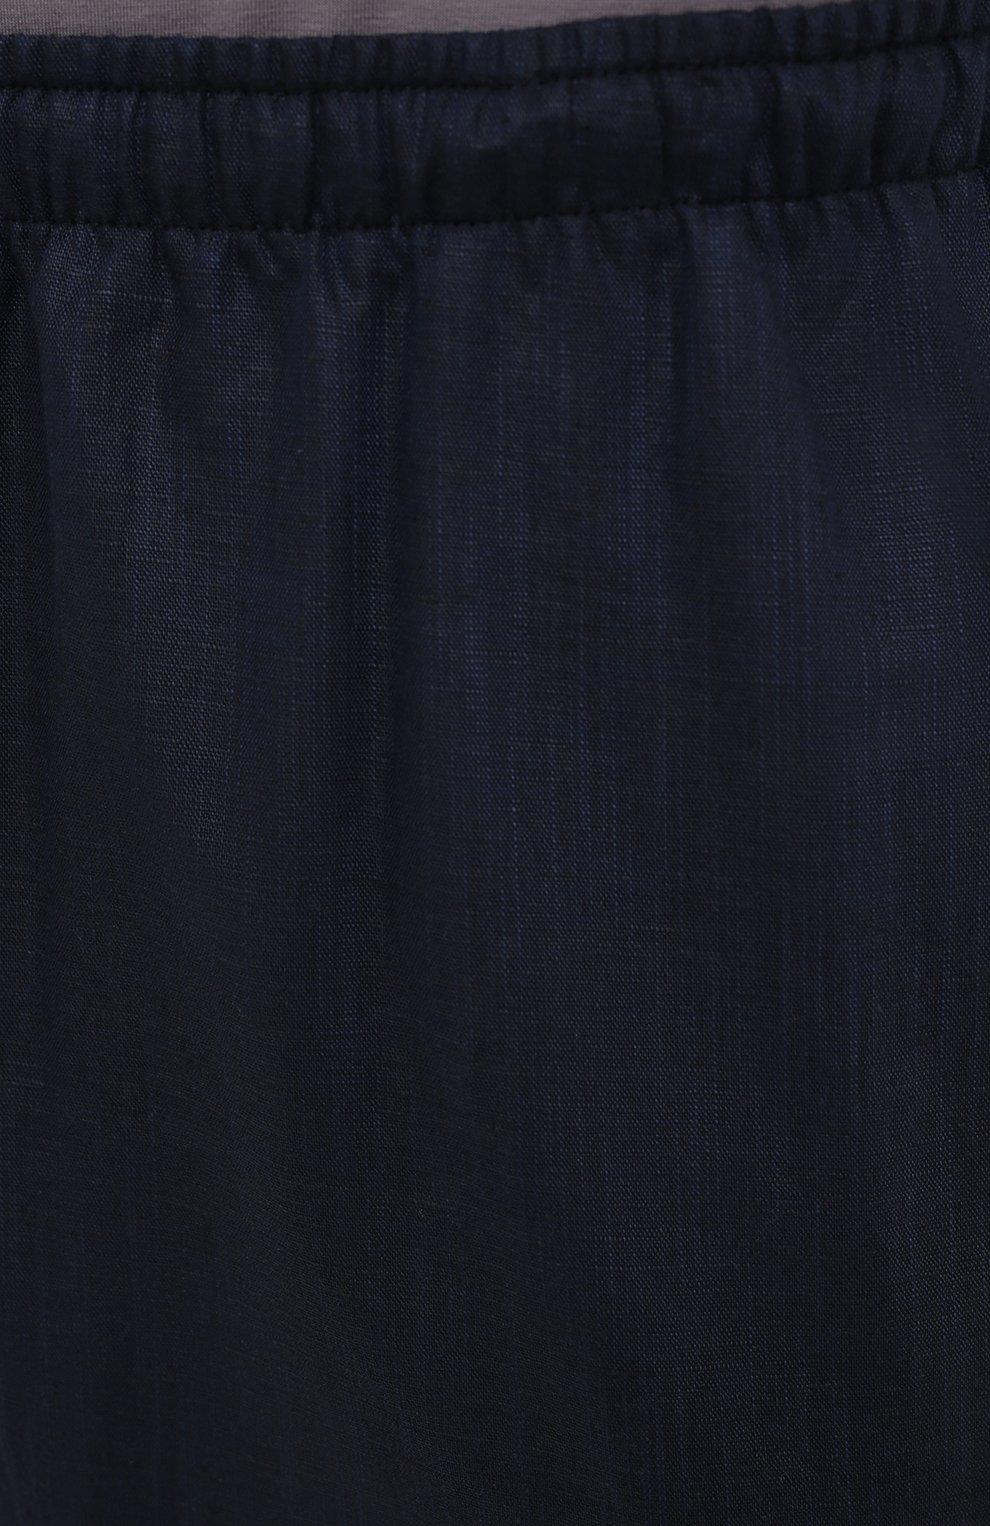 Мужские домашние брюки изо льна и хлопка ZIMMERLI темно-синего цвета, арт. 4697-75183   Фото 5 (Длина (брюки, джинсы): Стандартные; Кросс-КТ: домашняя одежда; Мужское Кросс-КТ: Брюки-белье; Материал внешний: Хлопок, Лен)